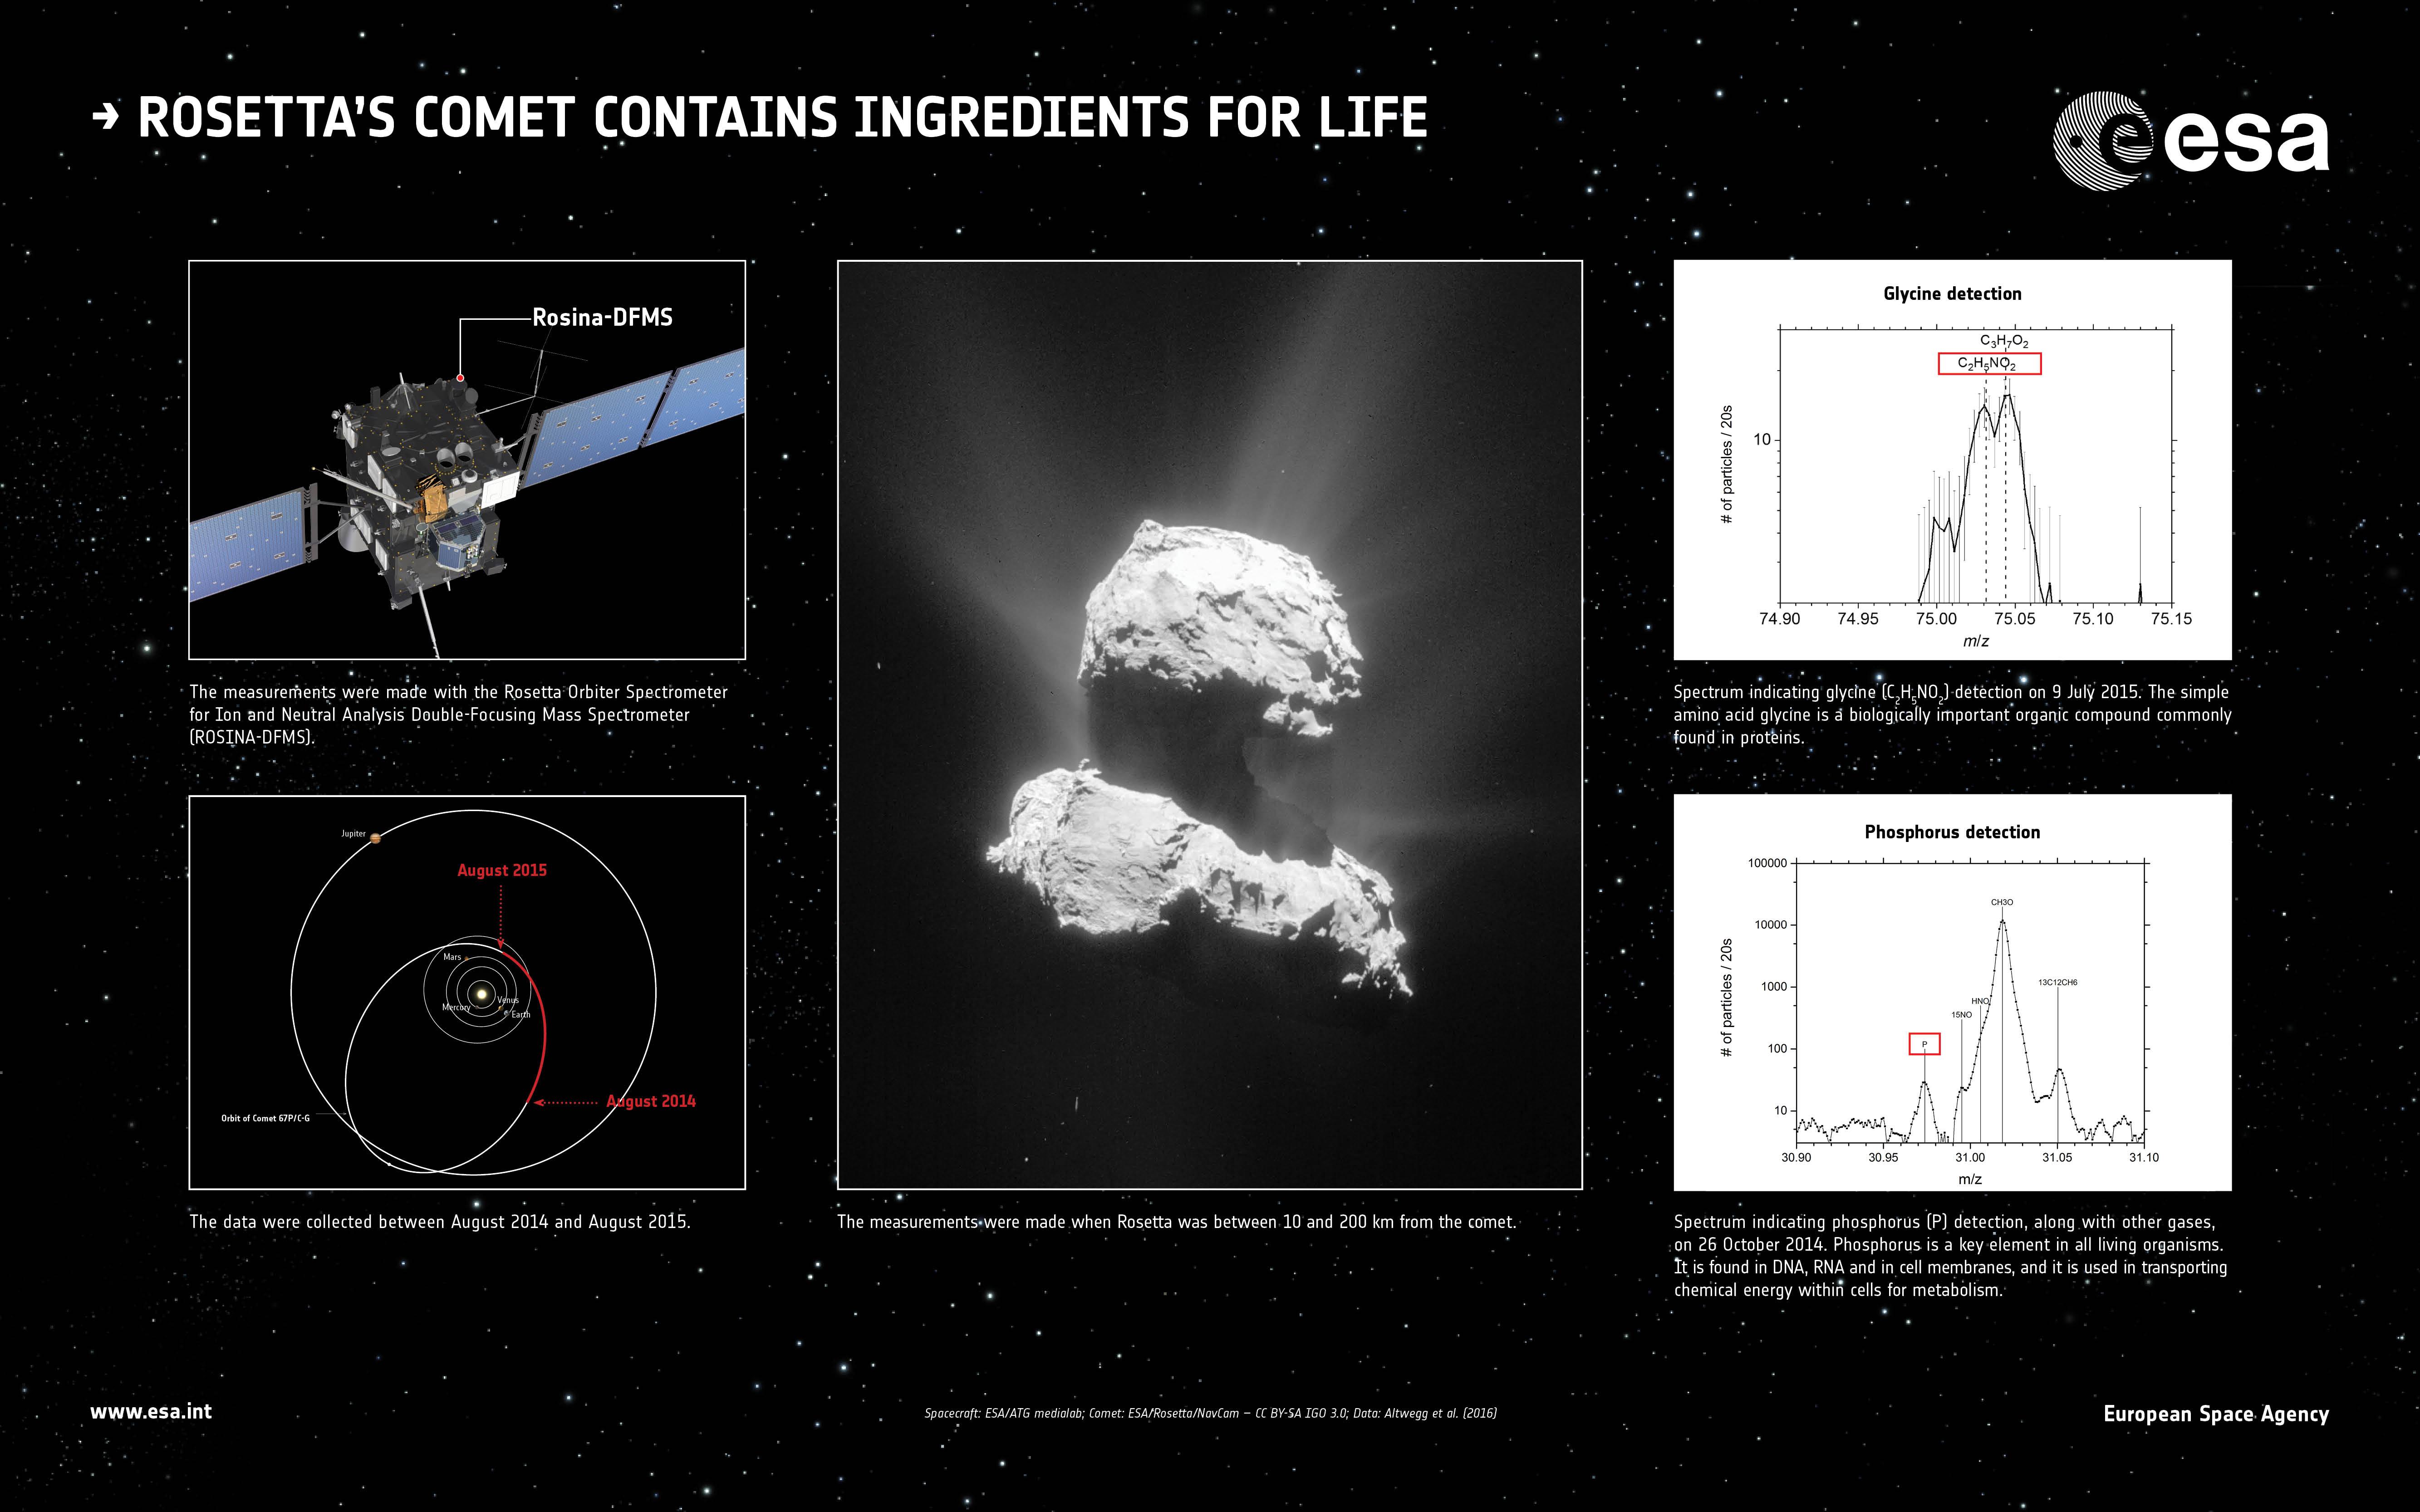 La vita (forse) è arrivata dallo spazio